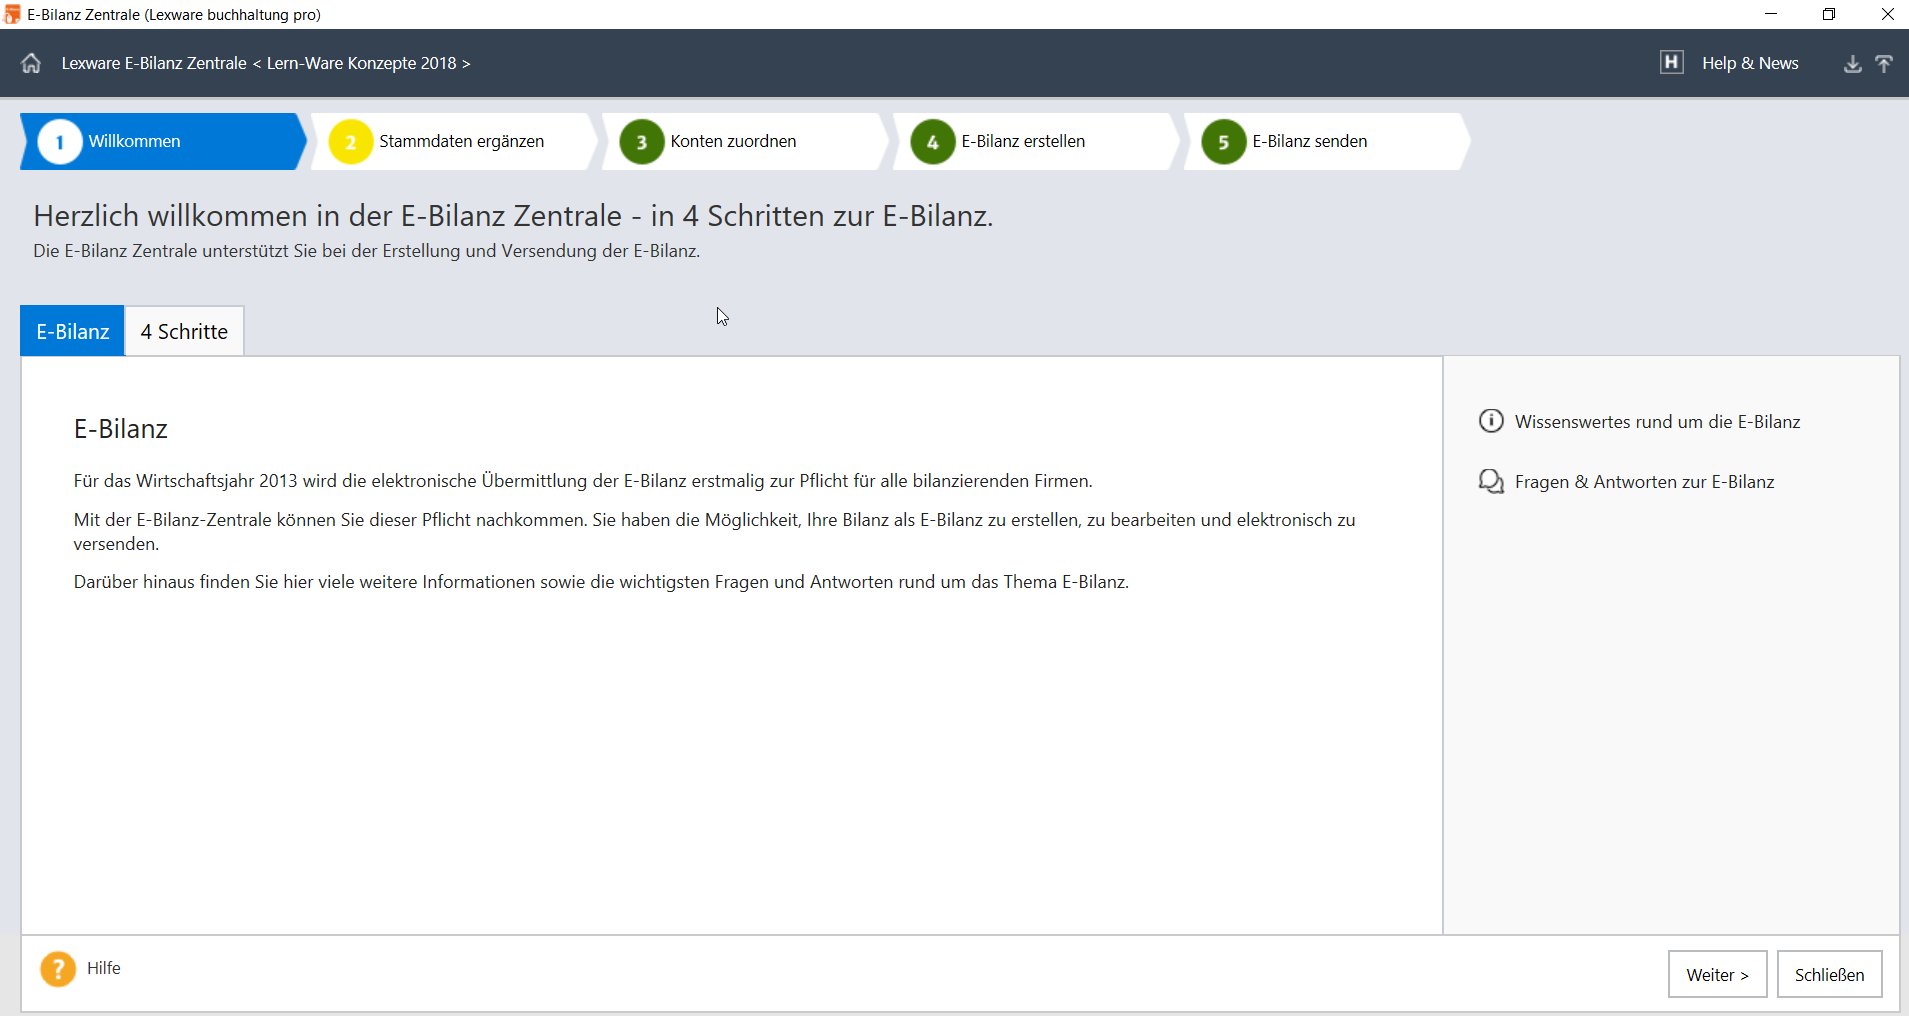 Lern-Ware Lexware Anleitung E-Bilanzerstellung